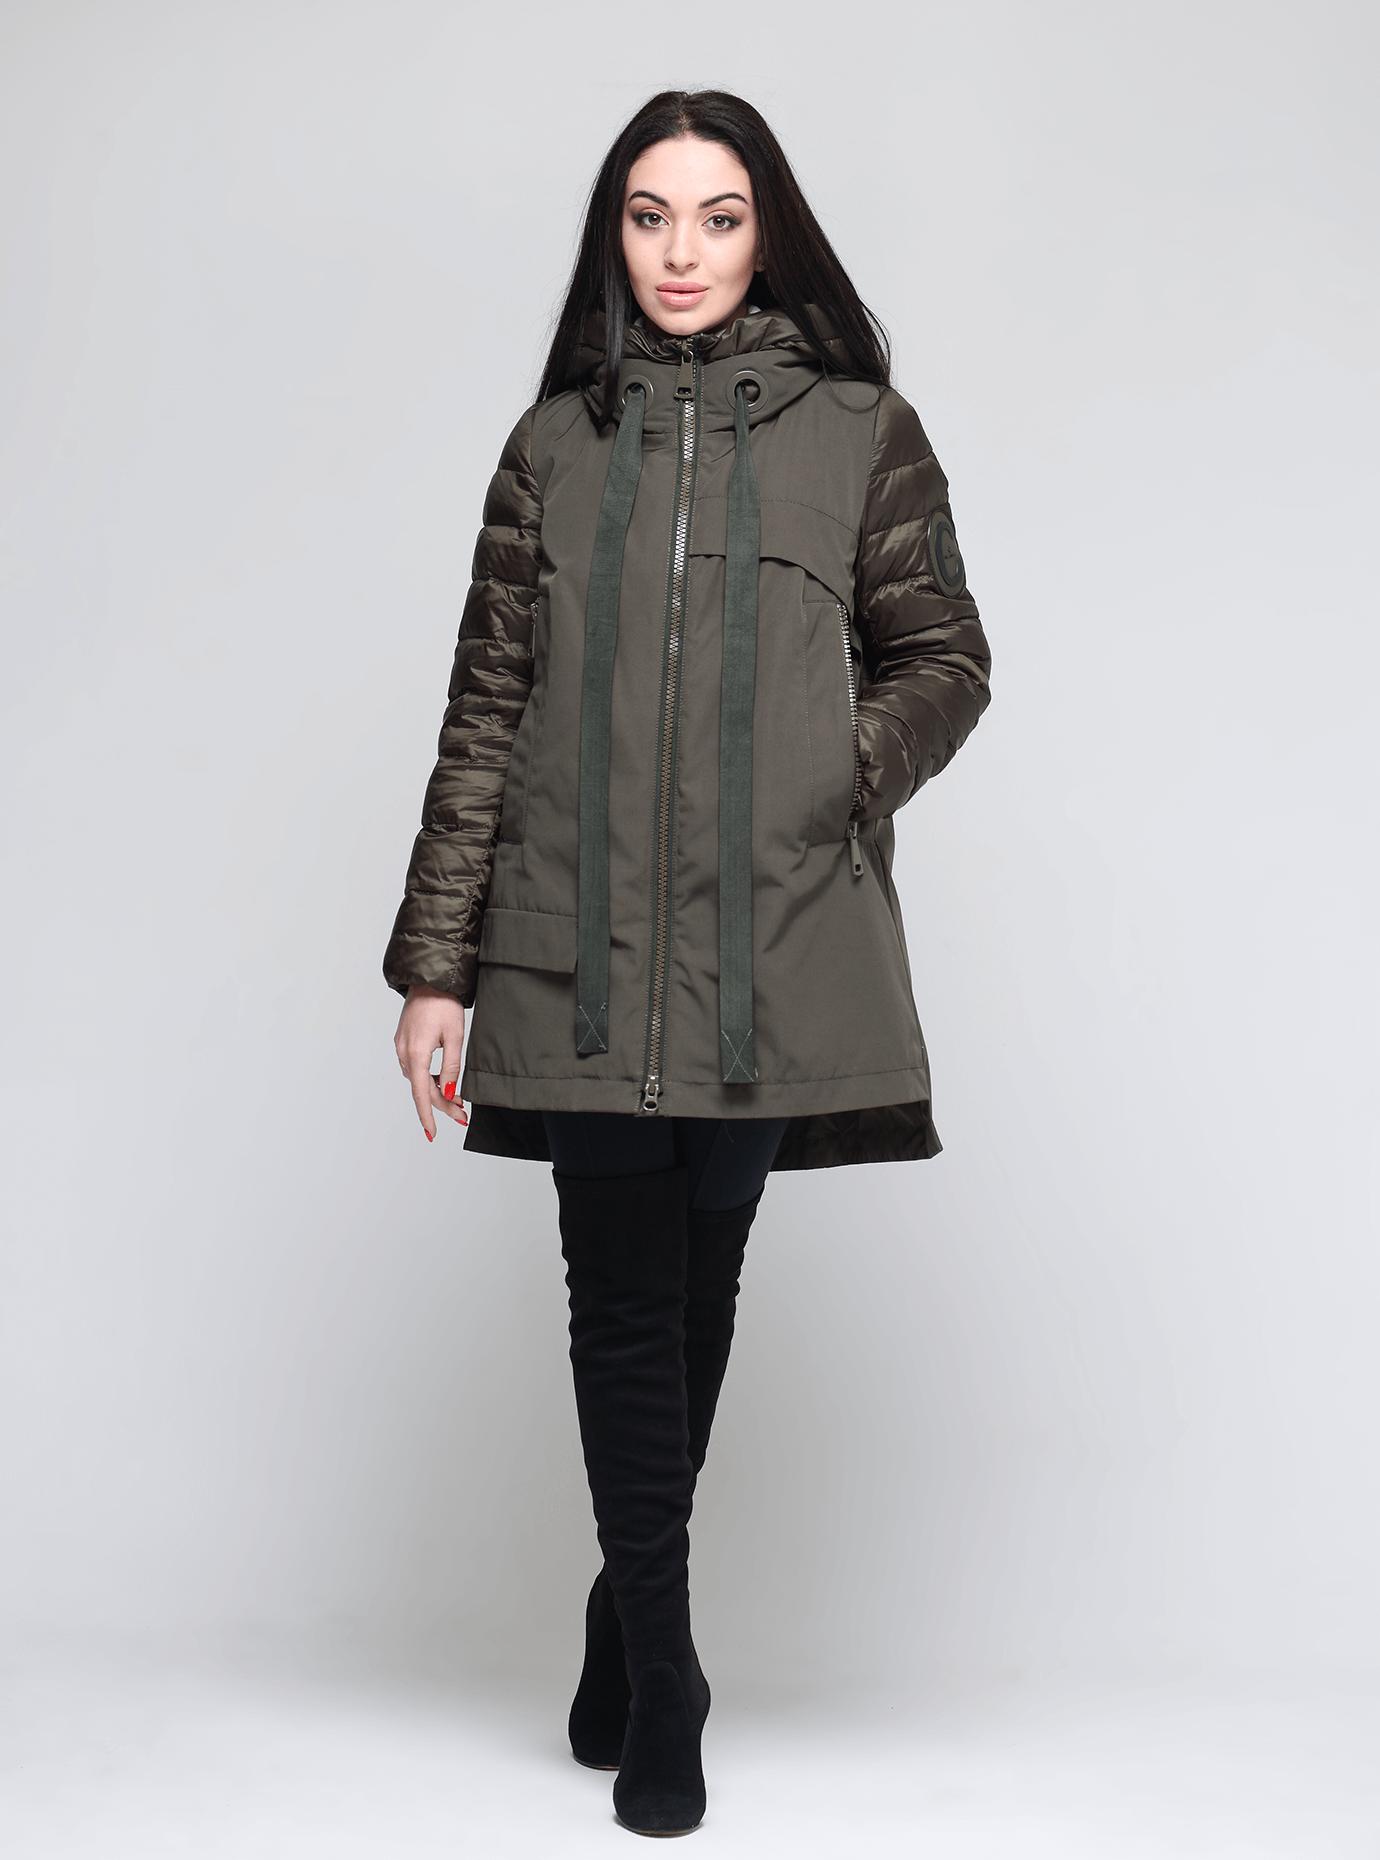 Зимняя женская куртка Хаки L (02-190229): фото - Alster.ua